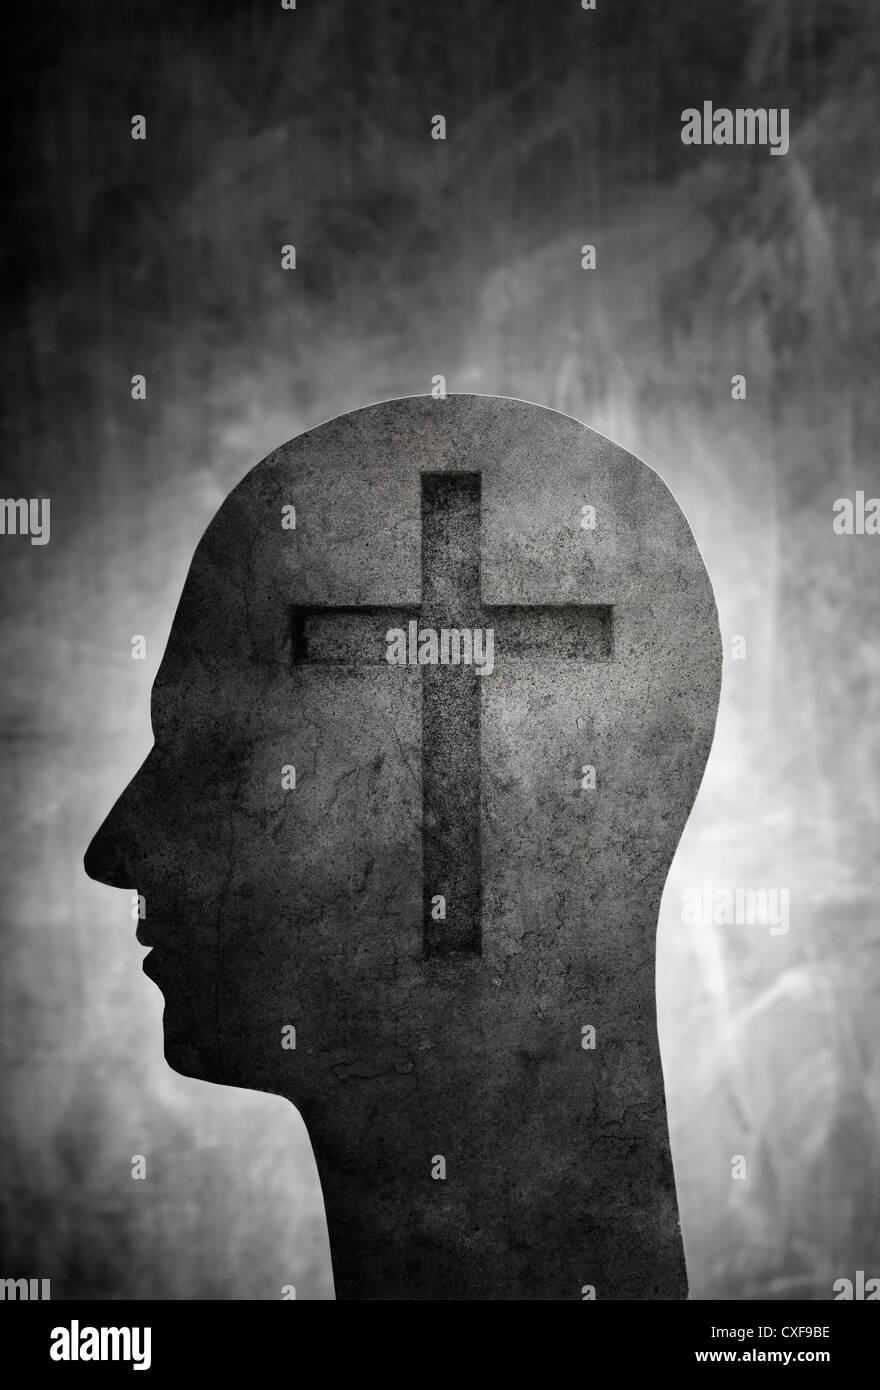 Konzeptbild eines Kopfes mit einem christlichen Kreuz-Symbol. Stockbild